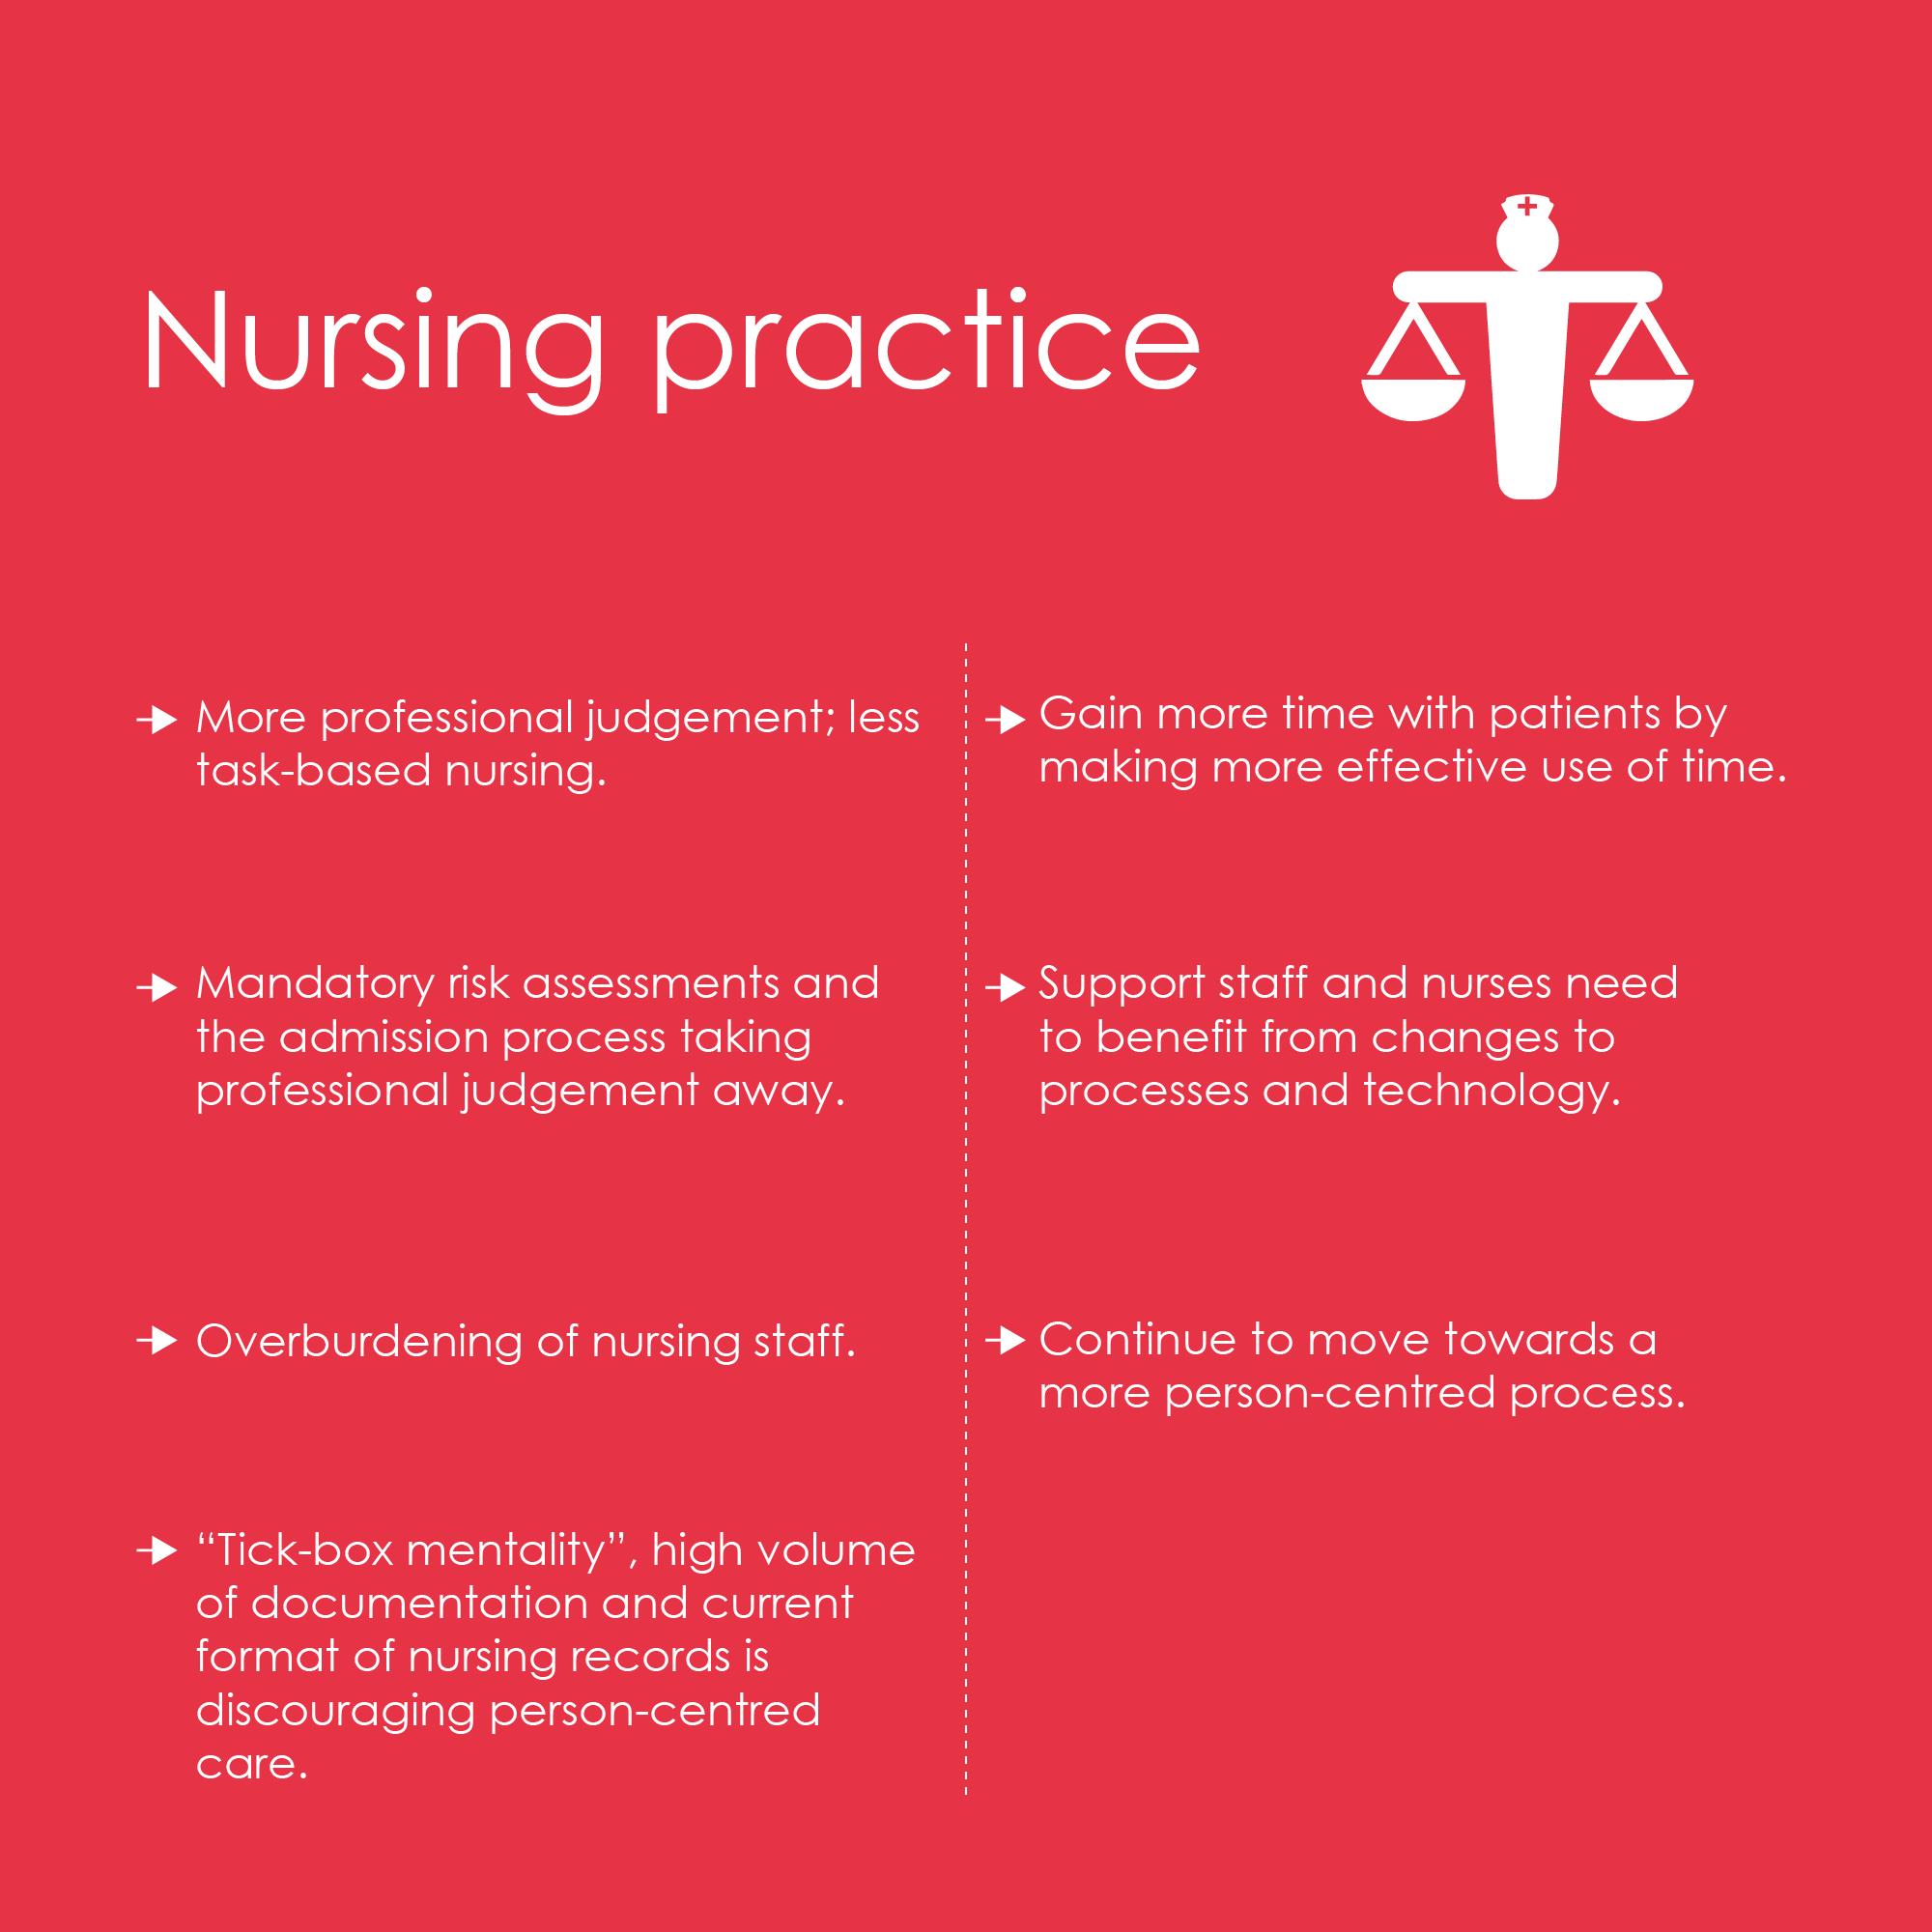 nursing prac.png